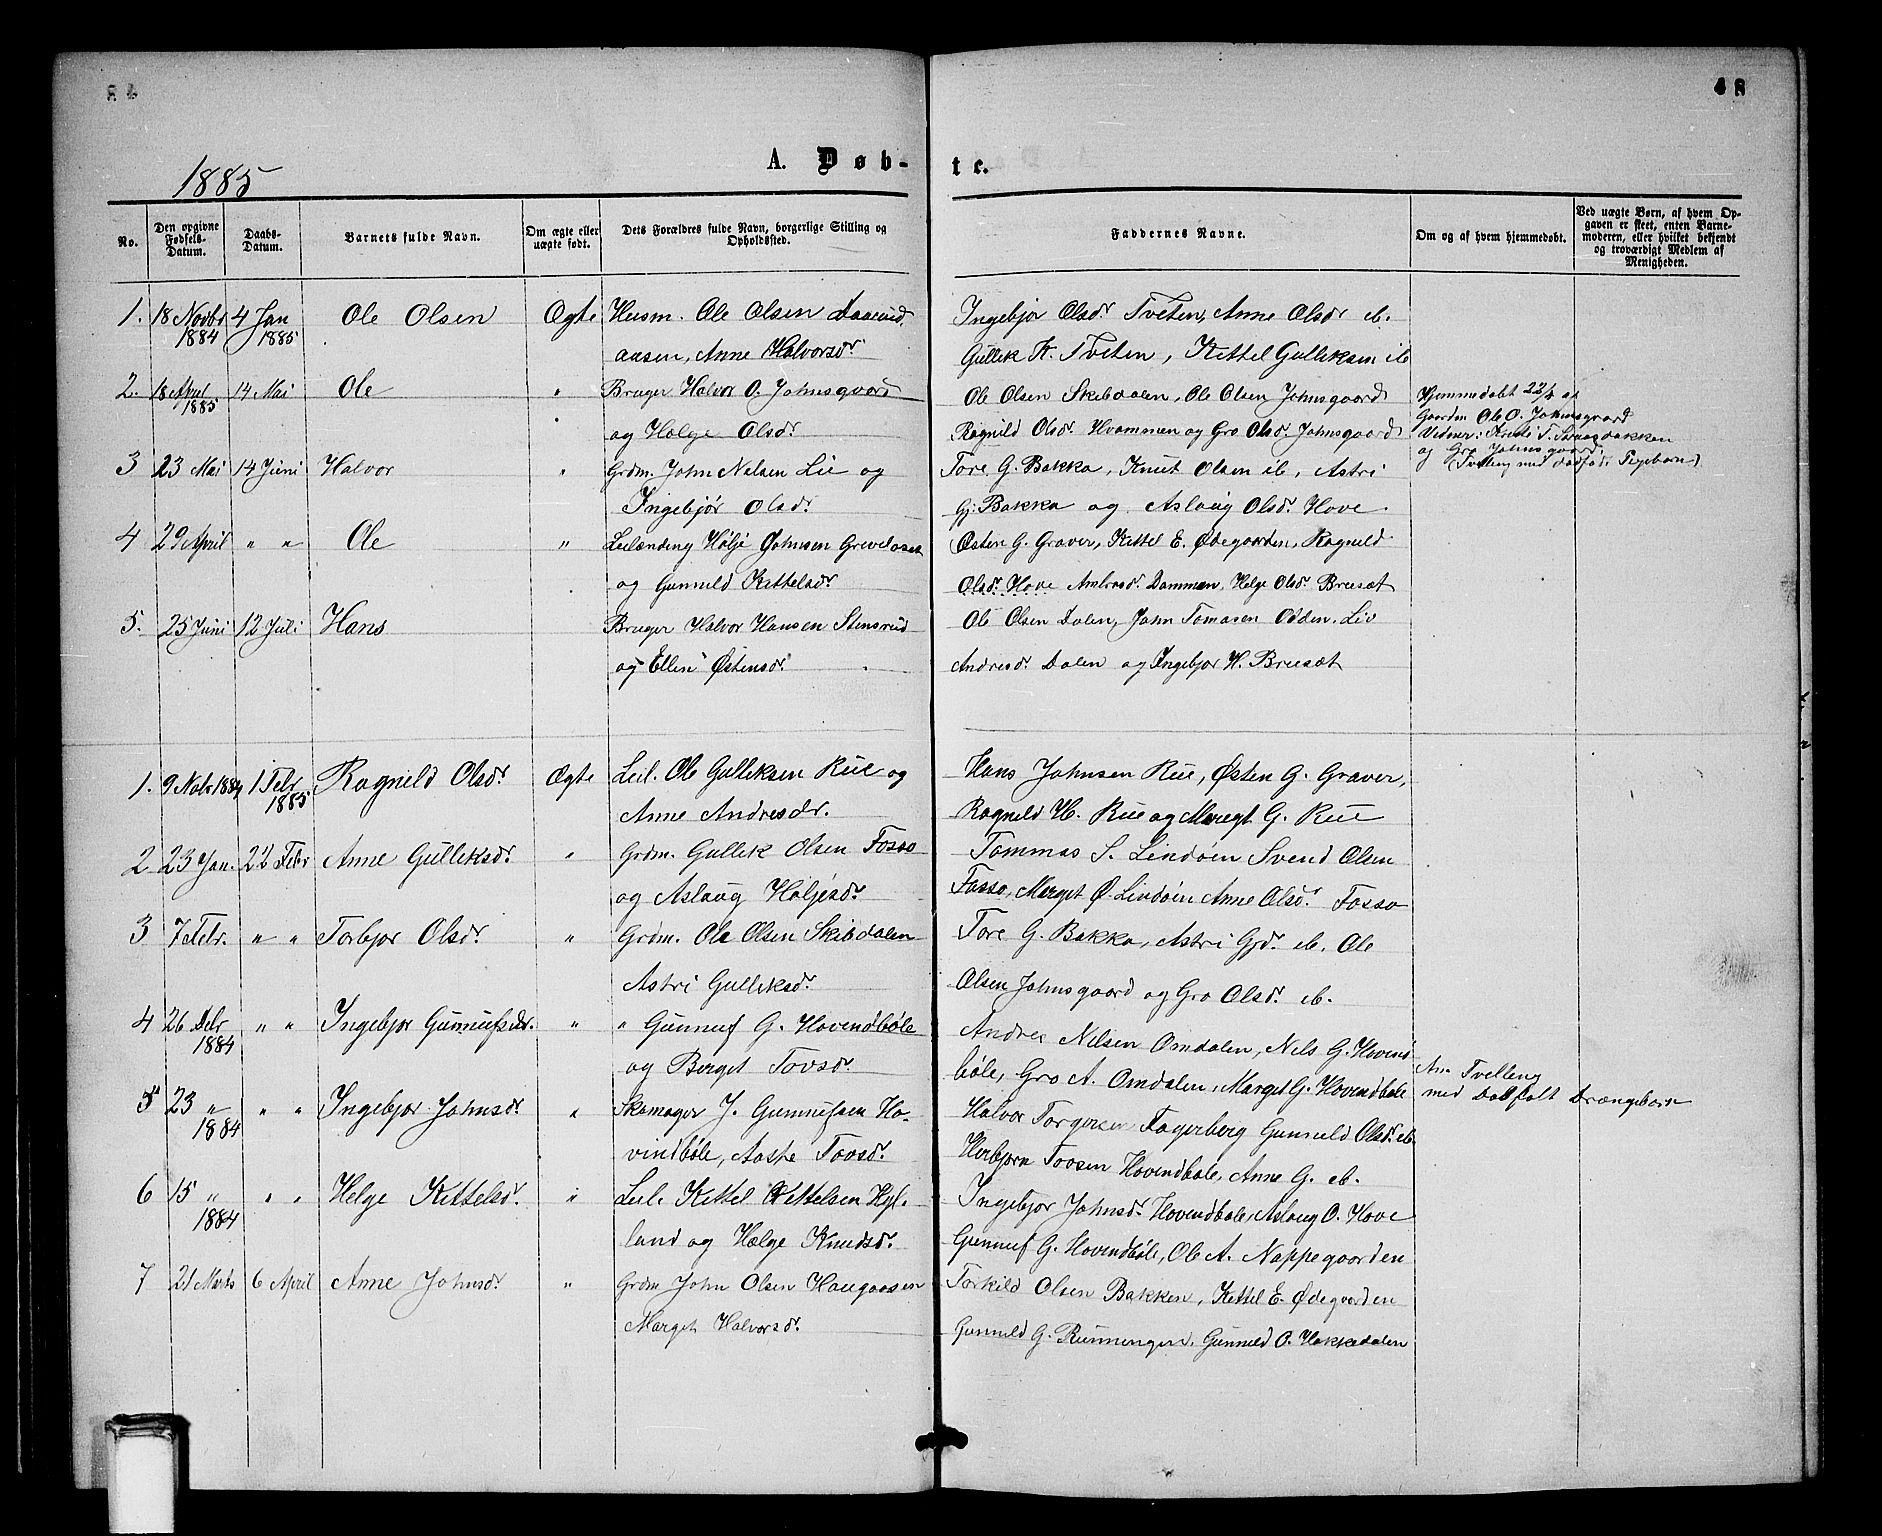 SAKO, Gransherad kirkebøker, G/Gb/L0002: Klokkerbok nr. II 2, 1860-1886, s. 48